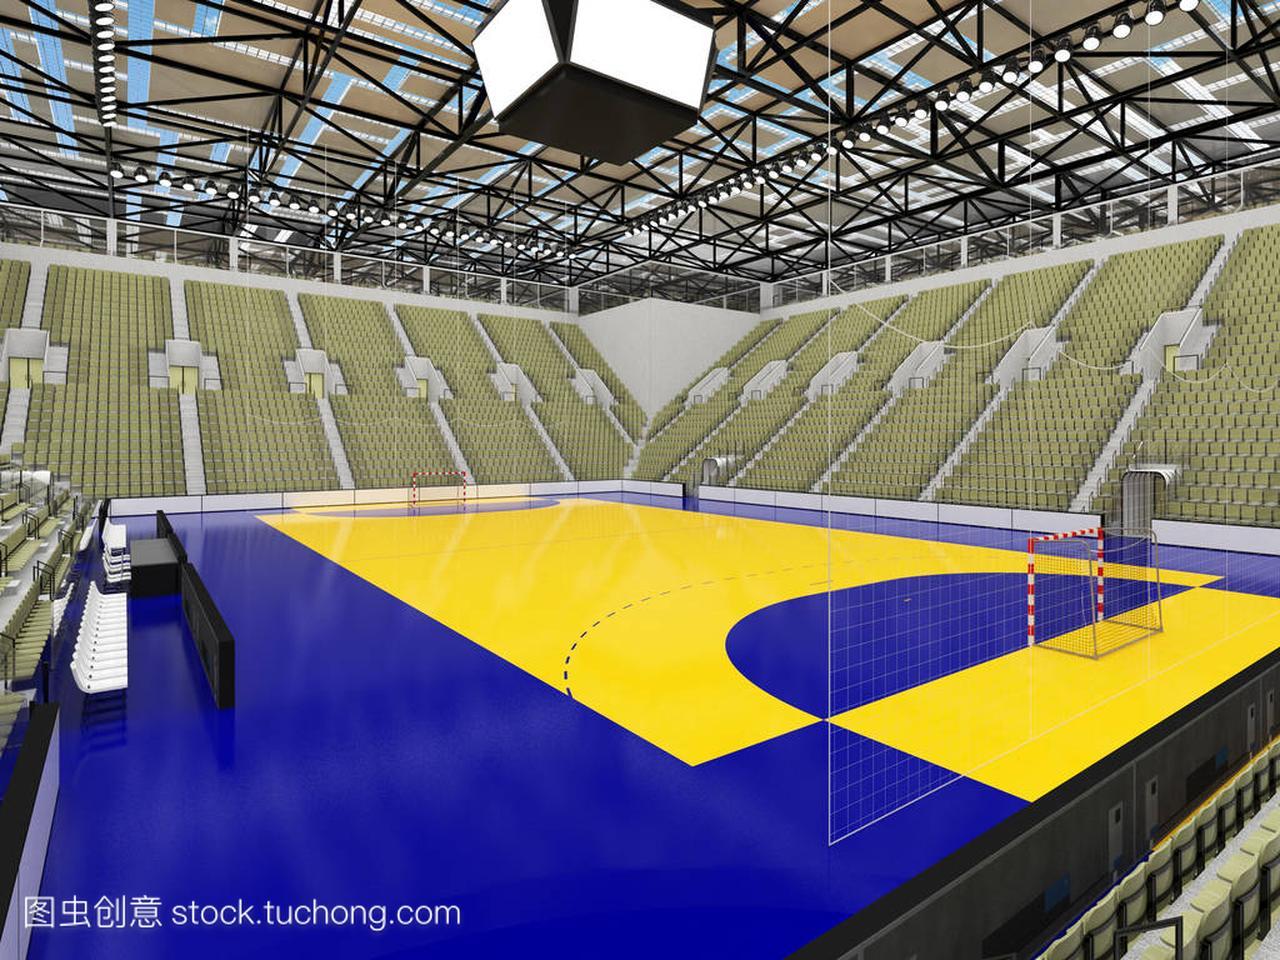 现代灰色竞技场手球与座位橄榄绿色体育和1恒大足球有什么创新图片